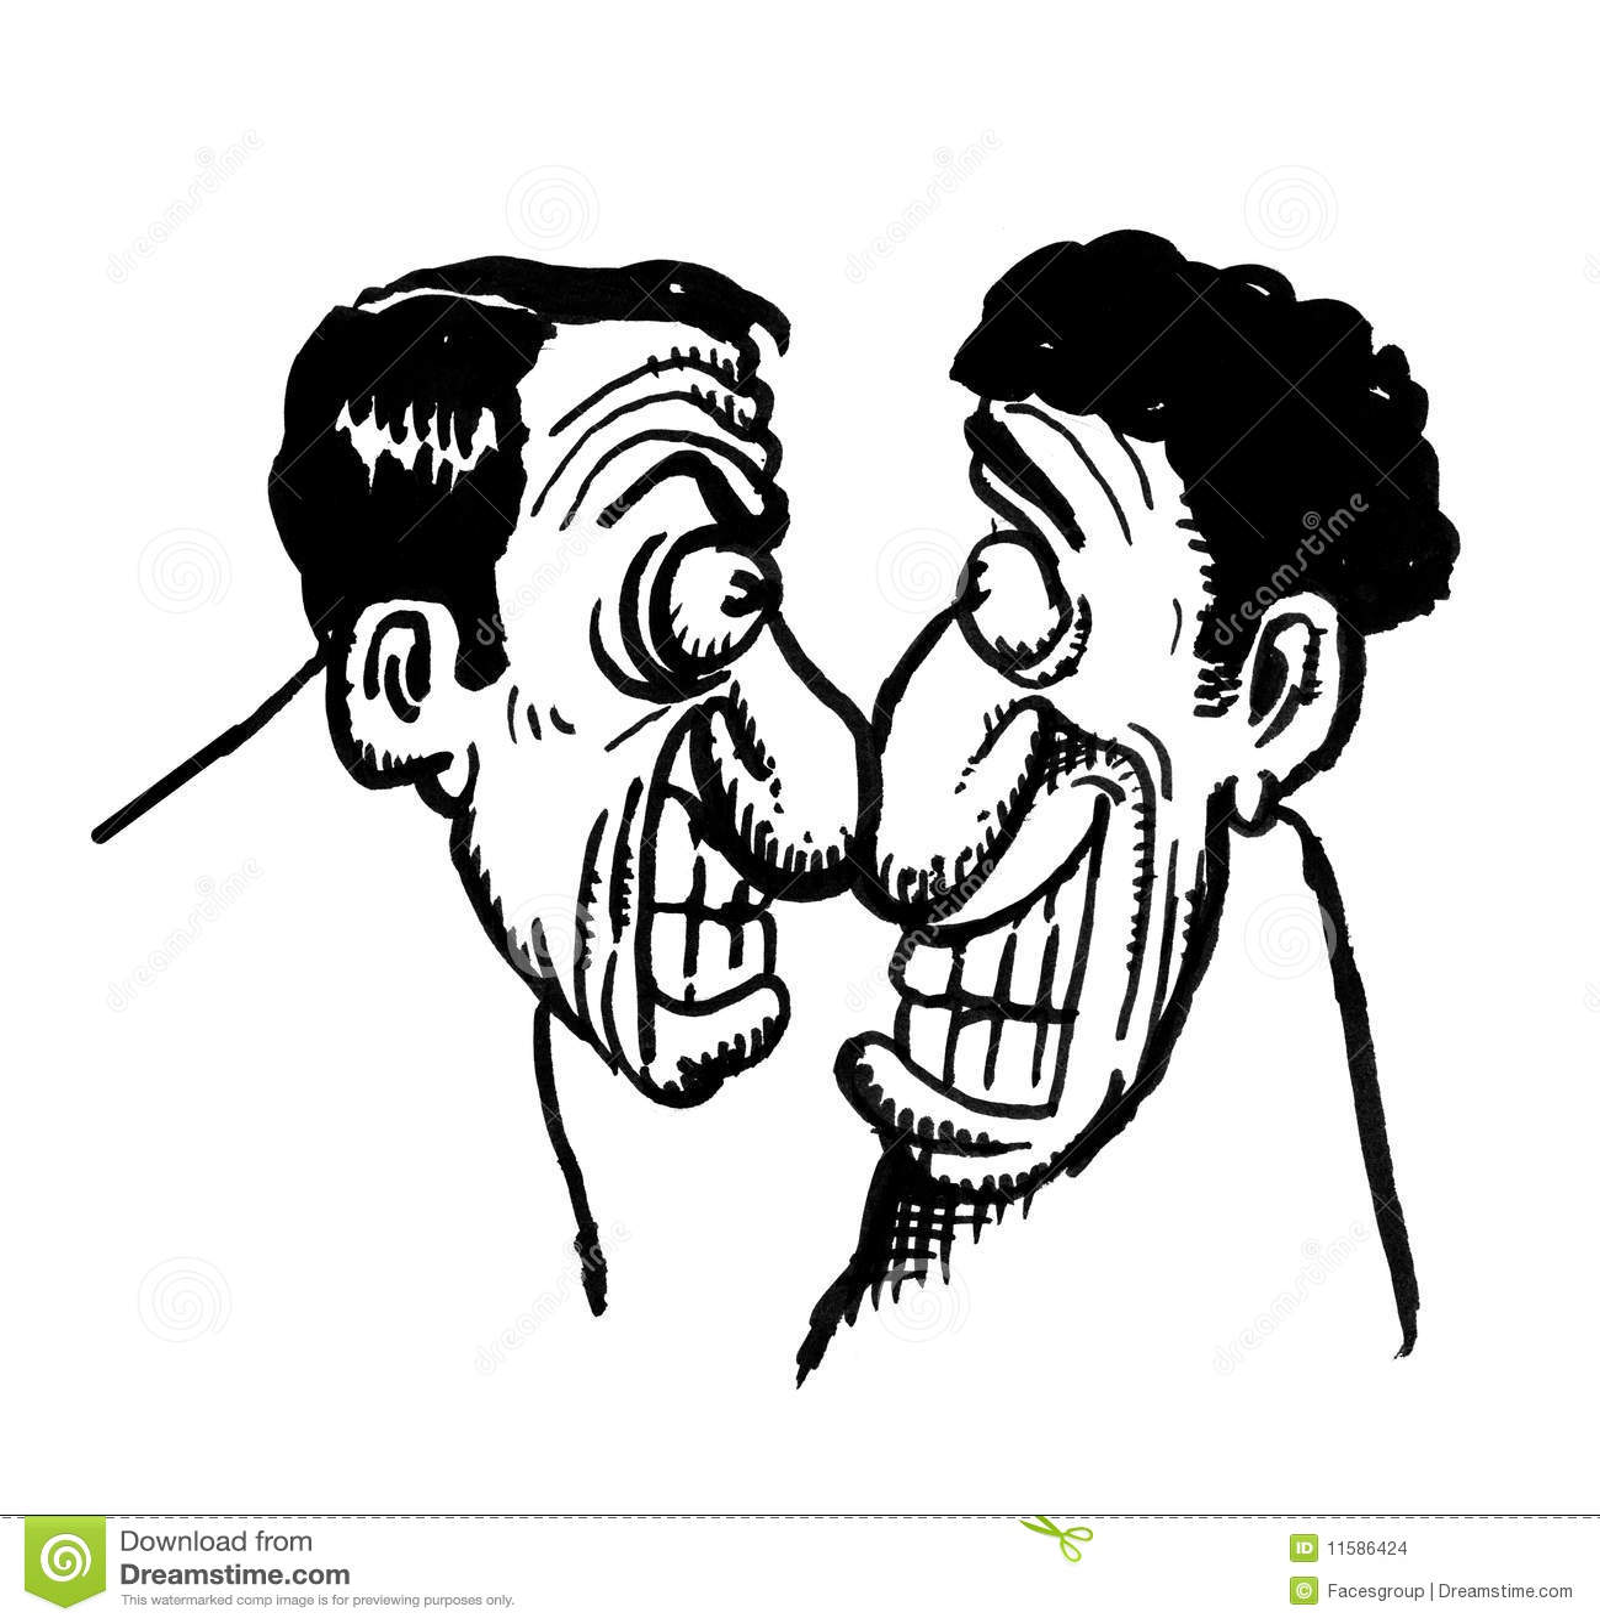 Cartoon Drawing Of 2 Men Stock Illustration Illustration Of Dumb